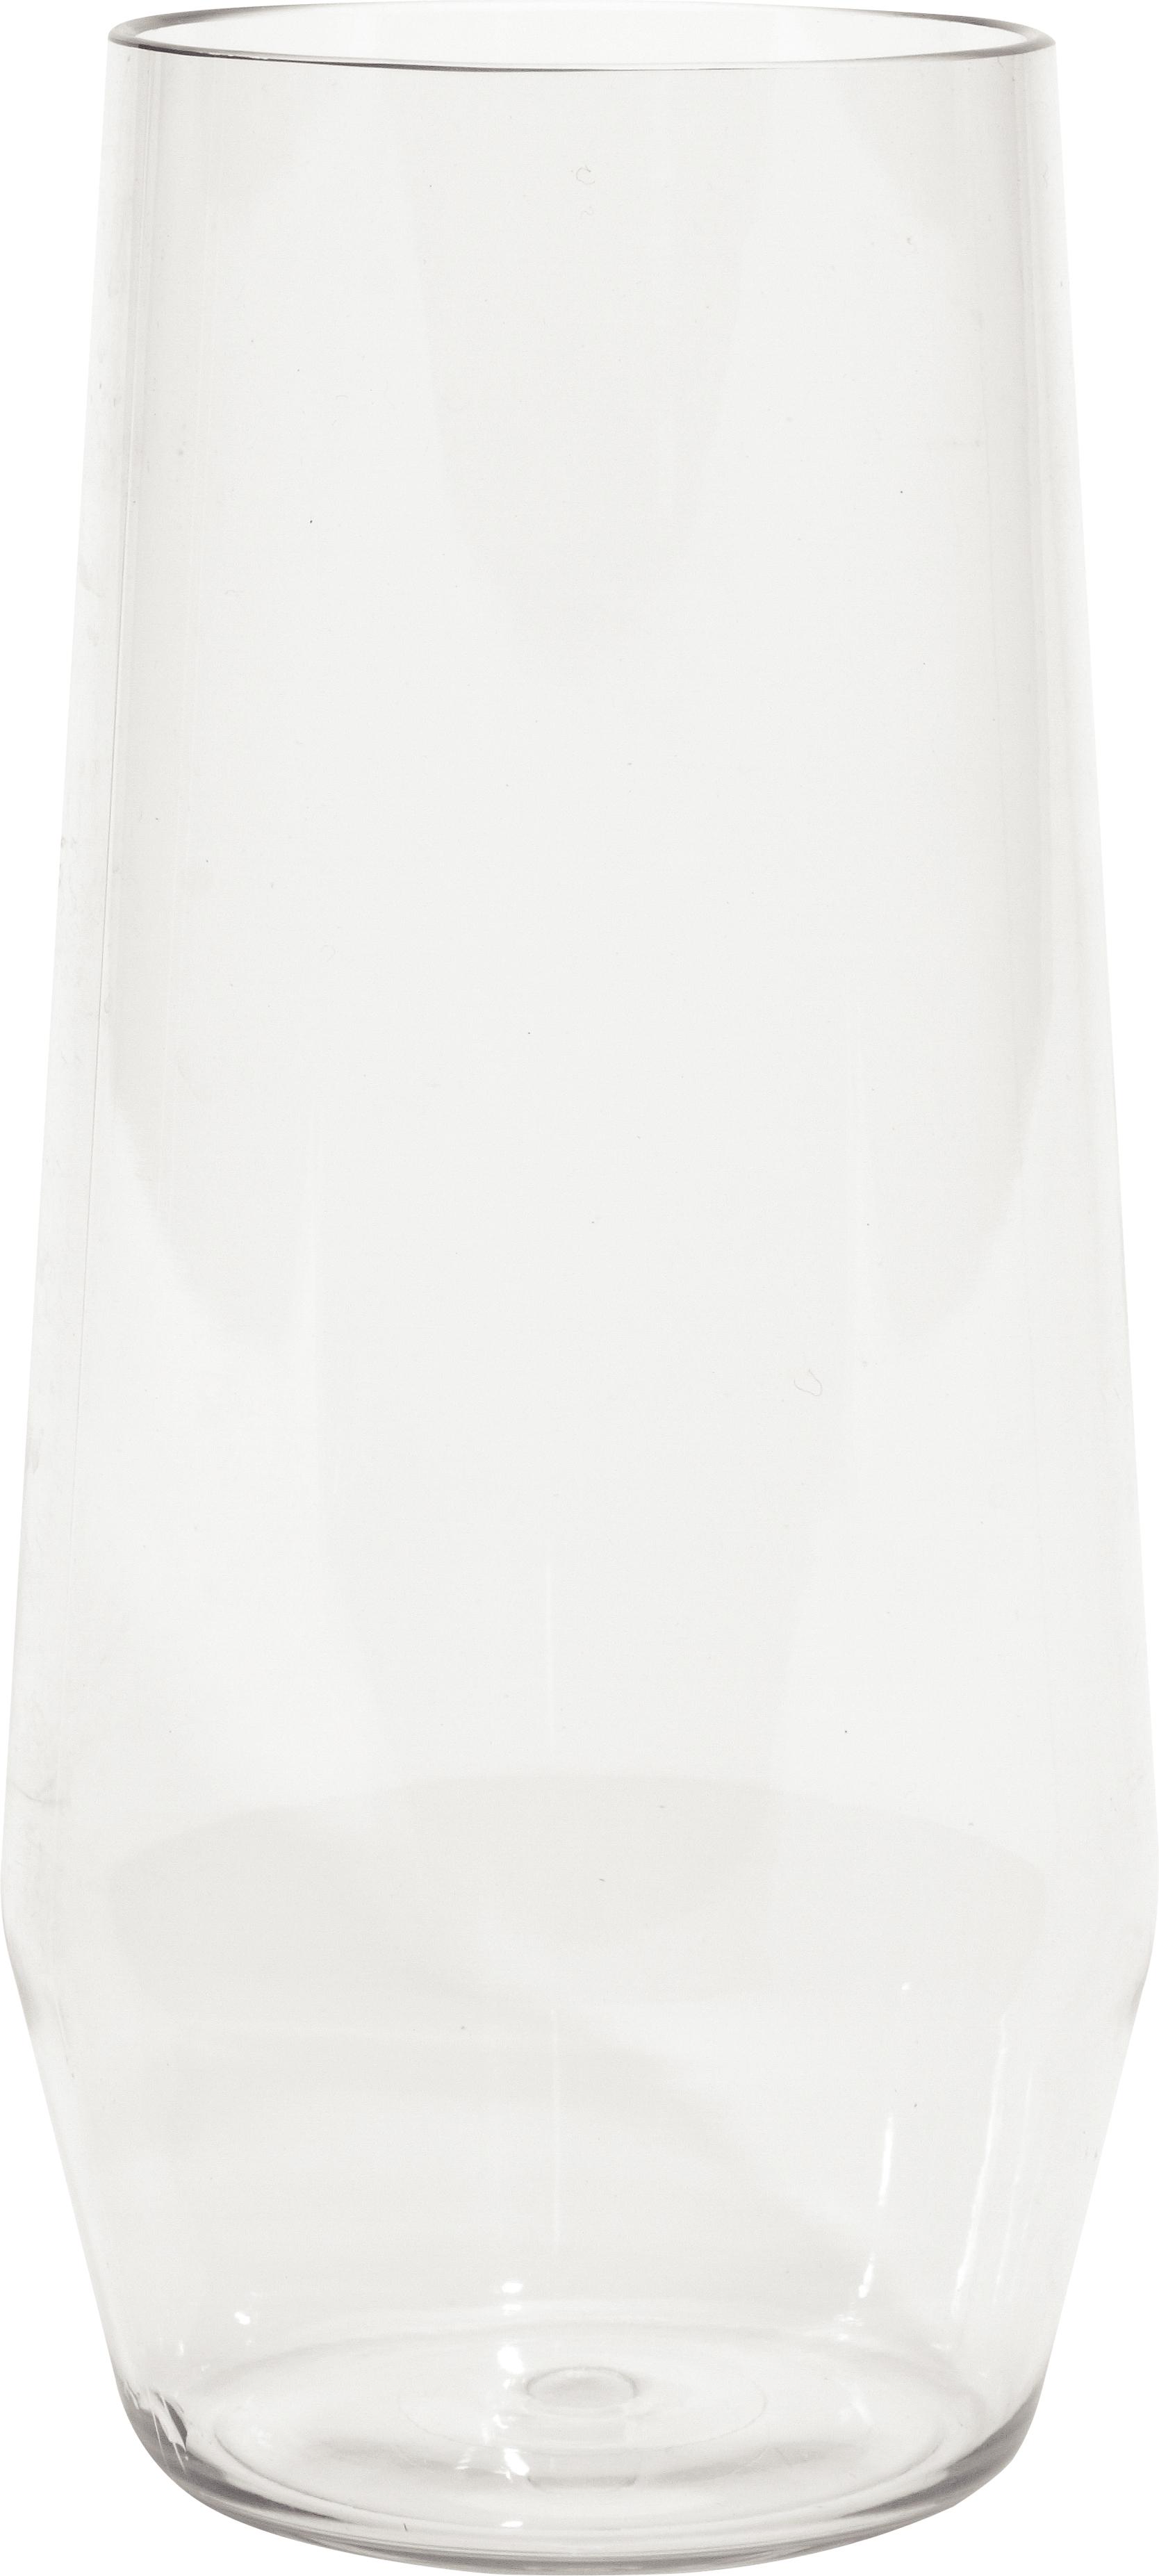 Astaire Stemware Iced Tea 18 oz - Clear